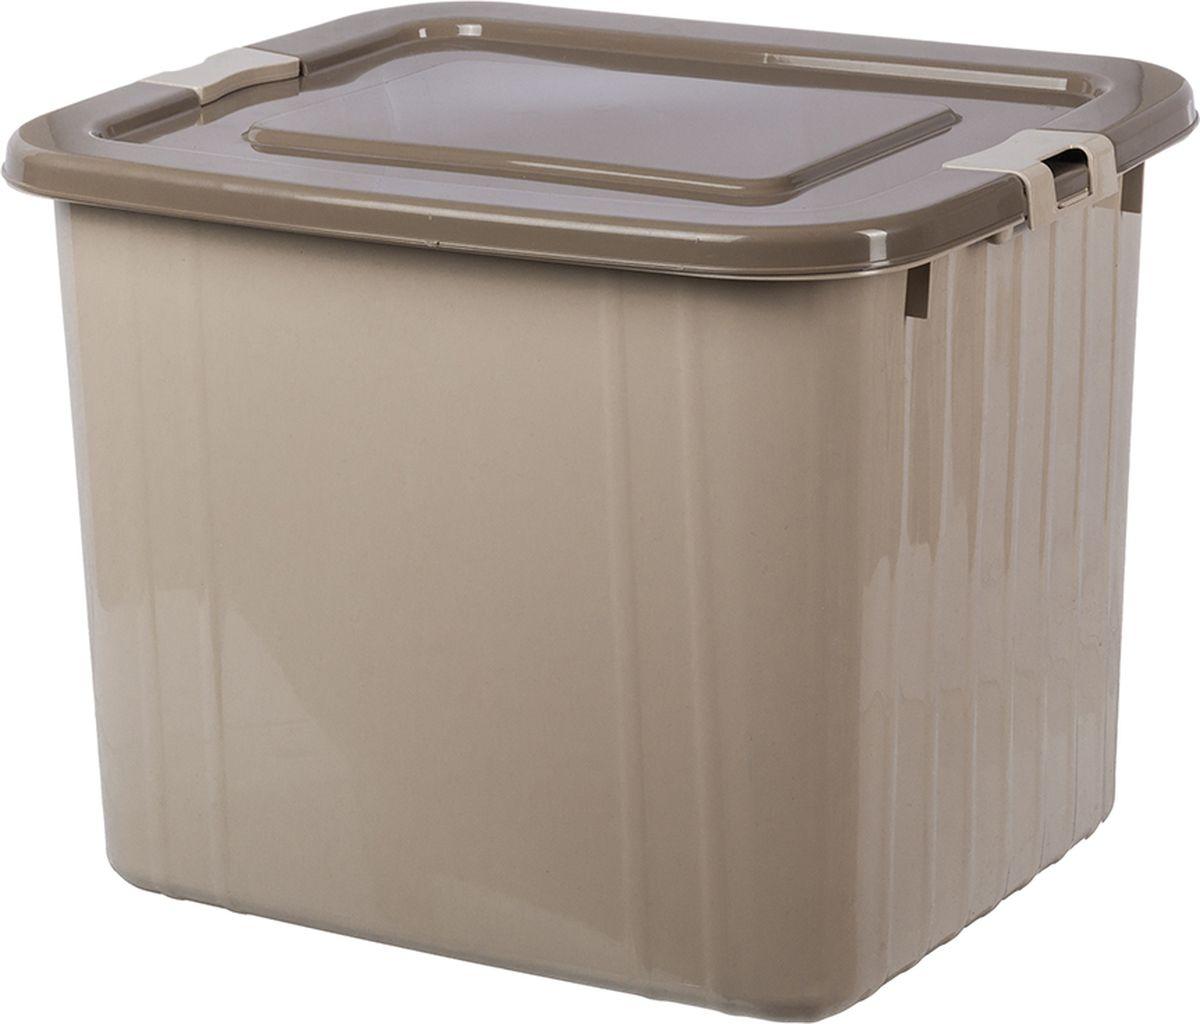 Ящик для хранения Violet, с крышкой, цвет: бежевый, 40 х 50 х 40 см ящик пластиковый ротанг 46 л